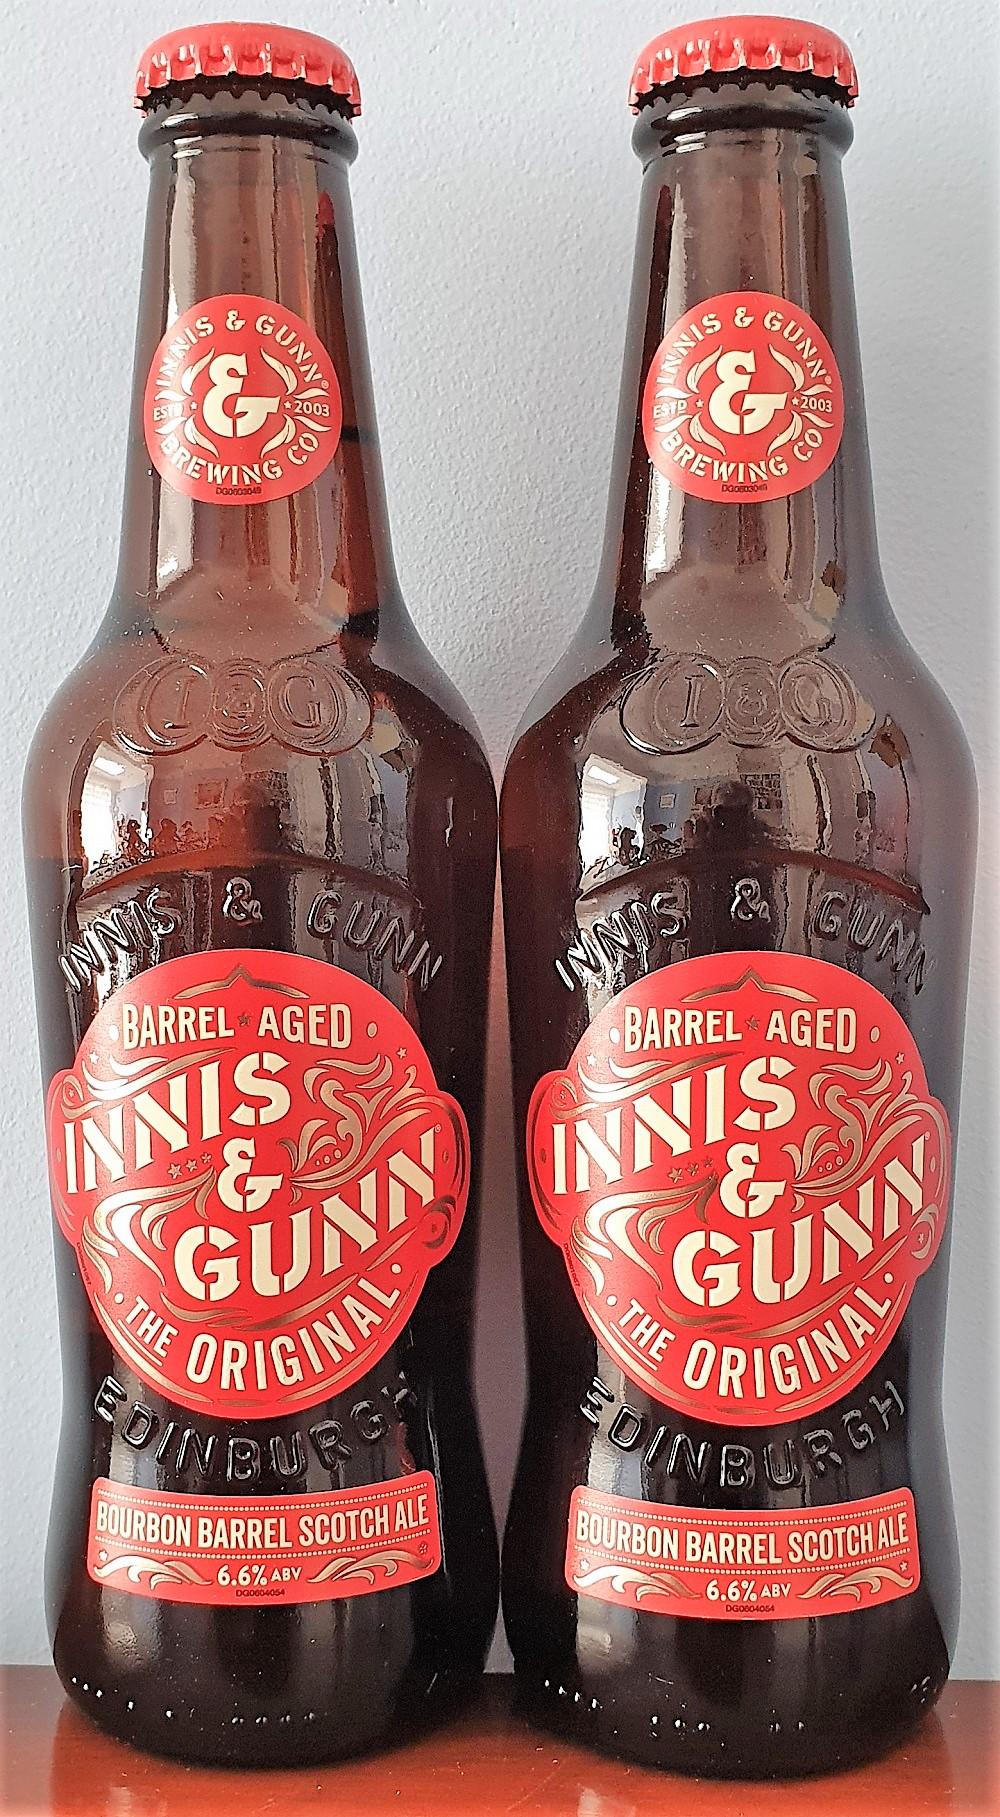 Innis-Gunn-The-Original-two-bottles